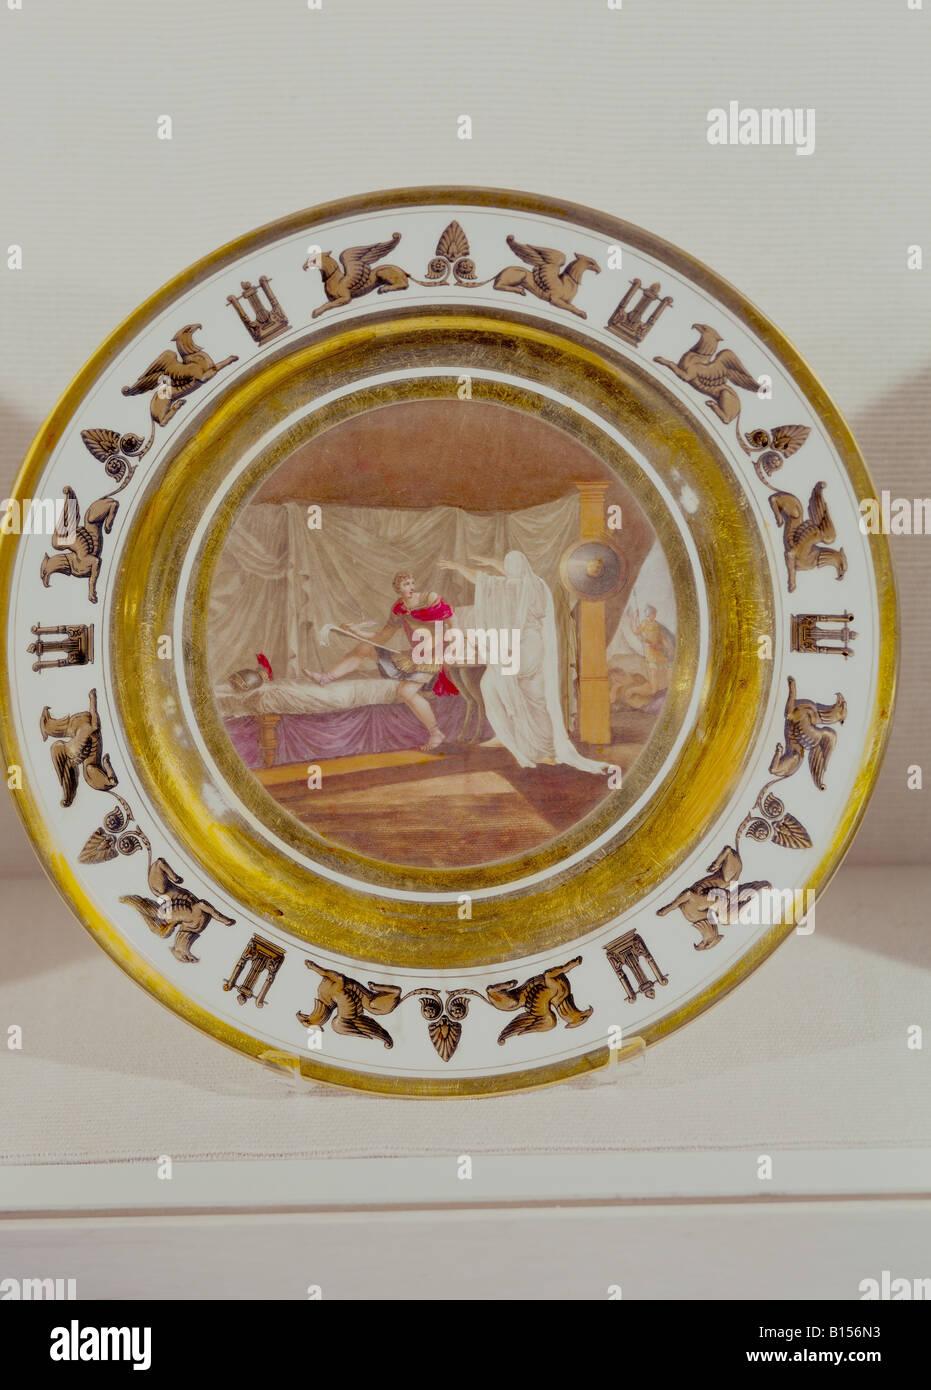 fine arts, porcelain, plate, series by Stone, Coquerel, Le Gros, diameter 22 cm, Paris, France, circa 1810, Munich Stock Photo